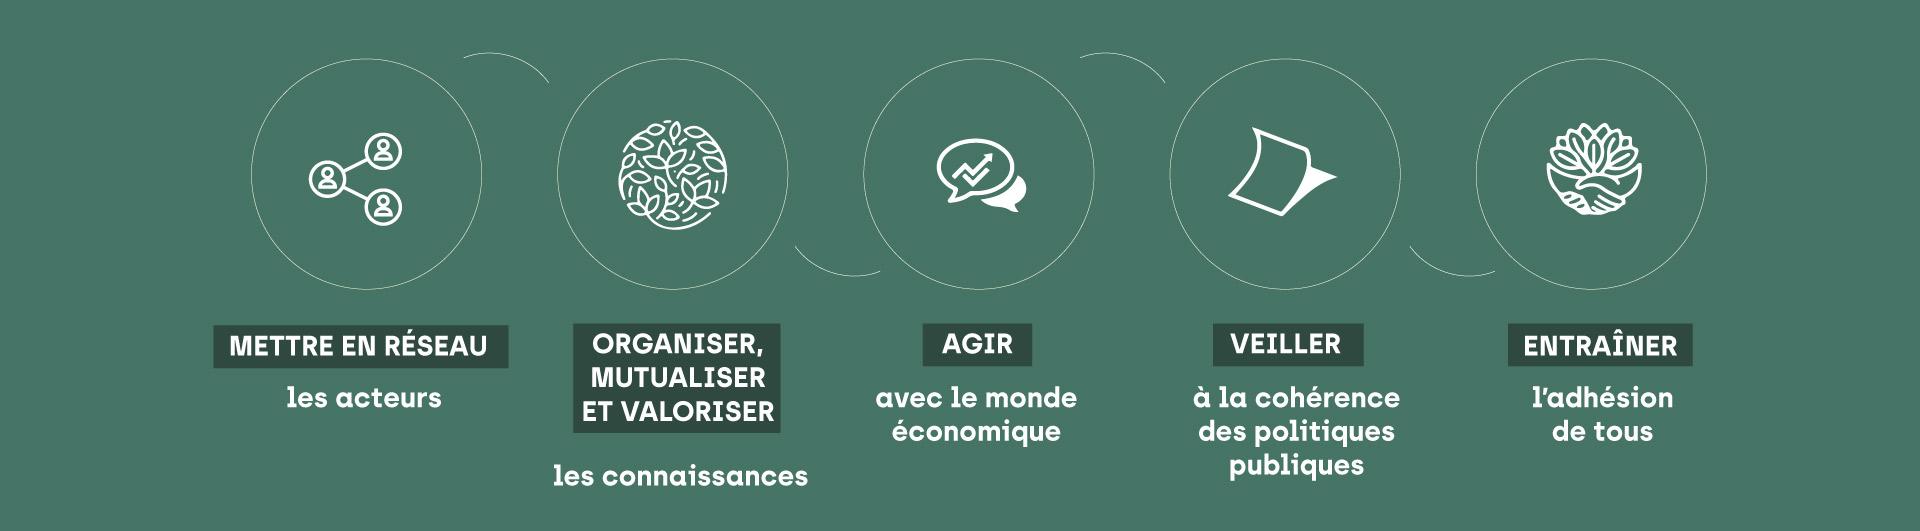 Les 5 missions : Mettre en réseau Organiser, mutualiser et valoriser Agir Veiller Entraîner